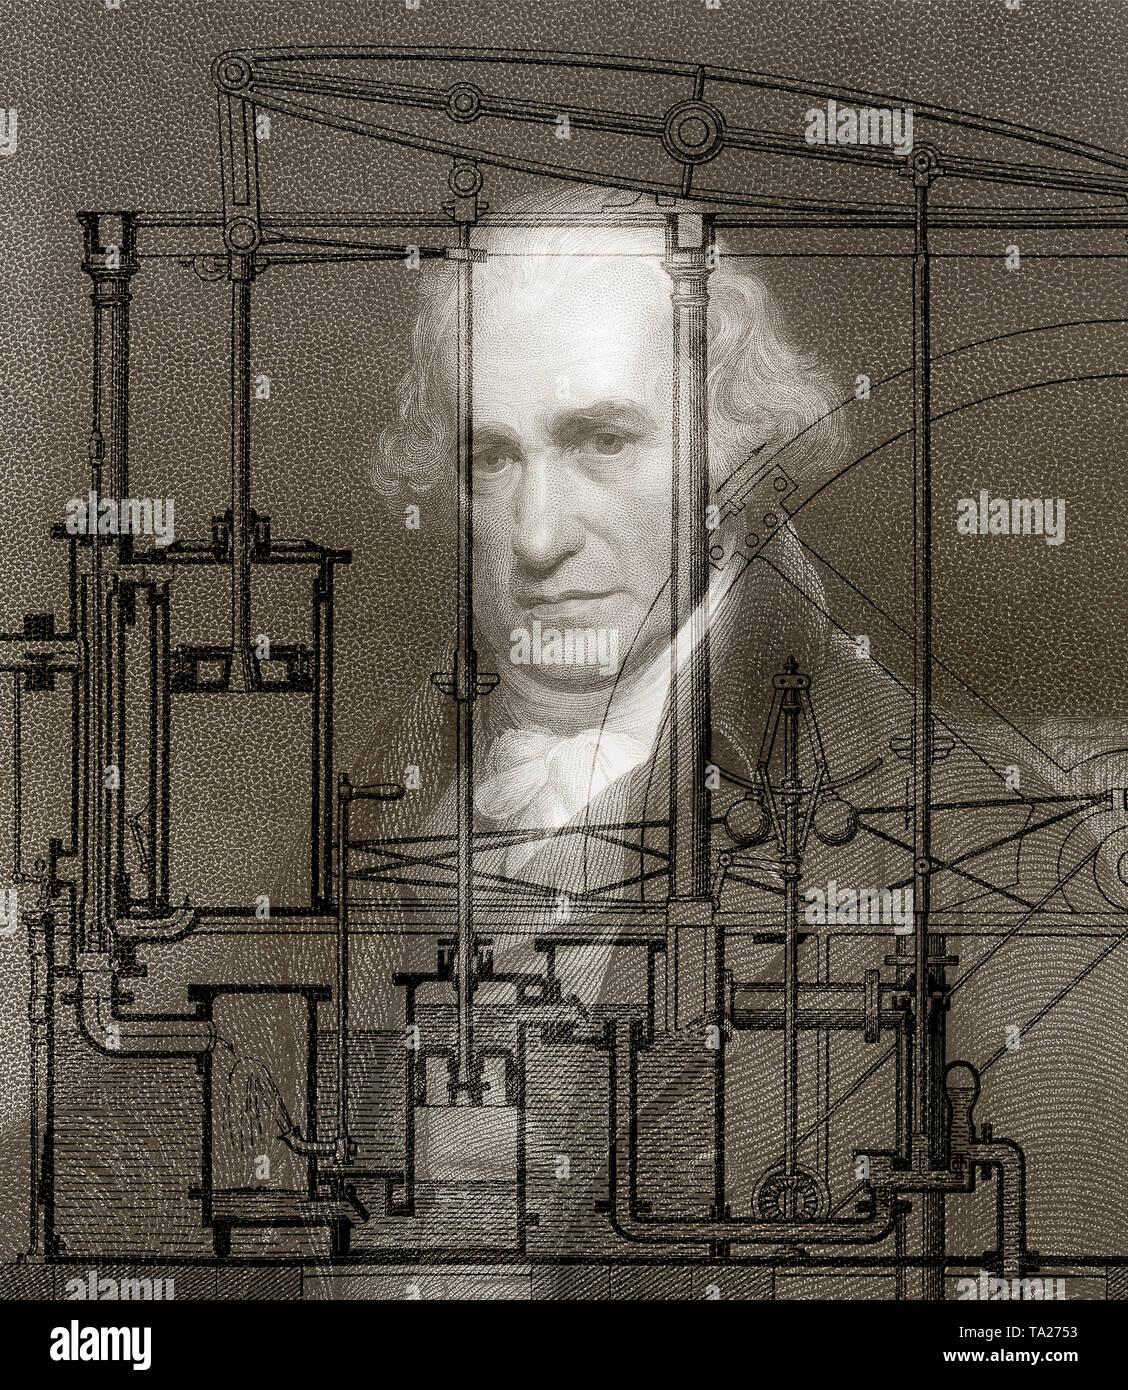 Moteur thermique à piston Par James Watt, 1736 - 1819, l'inventeur écossais de la machine à vapeur Photo Stock